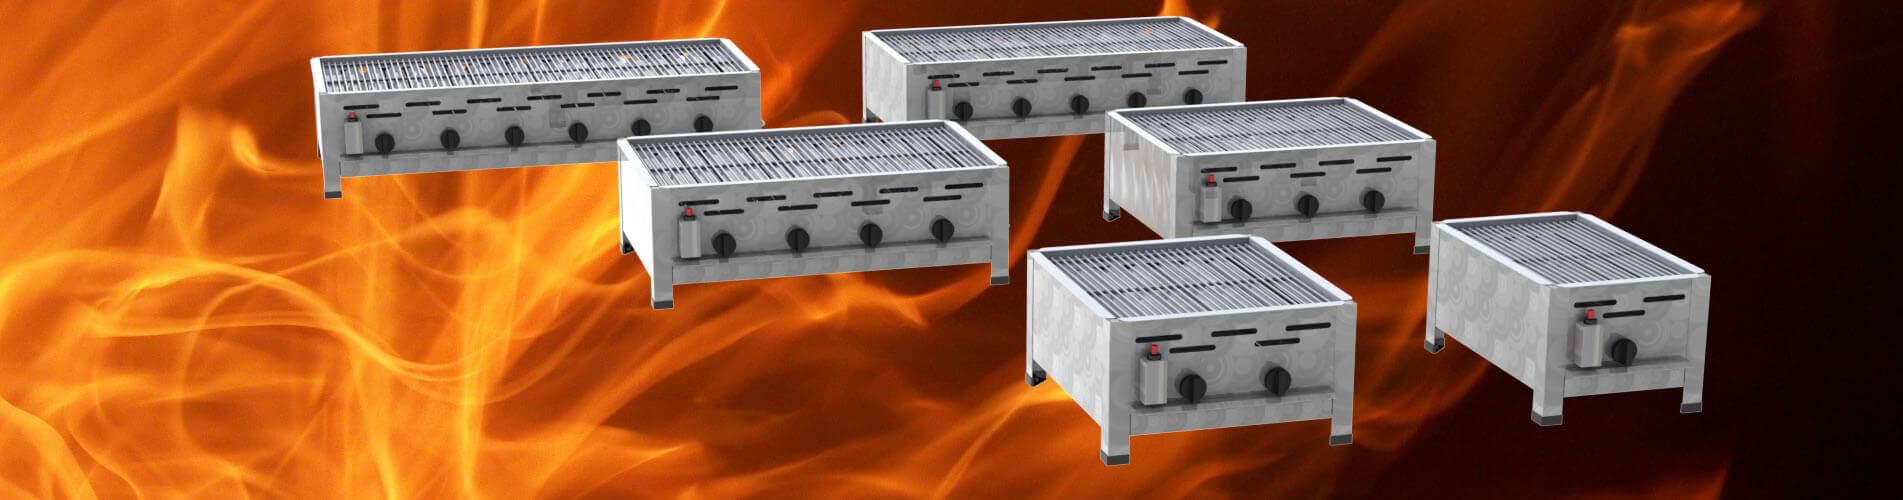 Tisch-Gastrobräter mit Grill-Rost 1-flammig bis 6-flammig